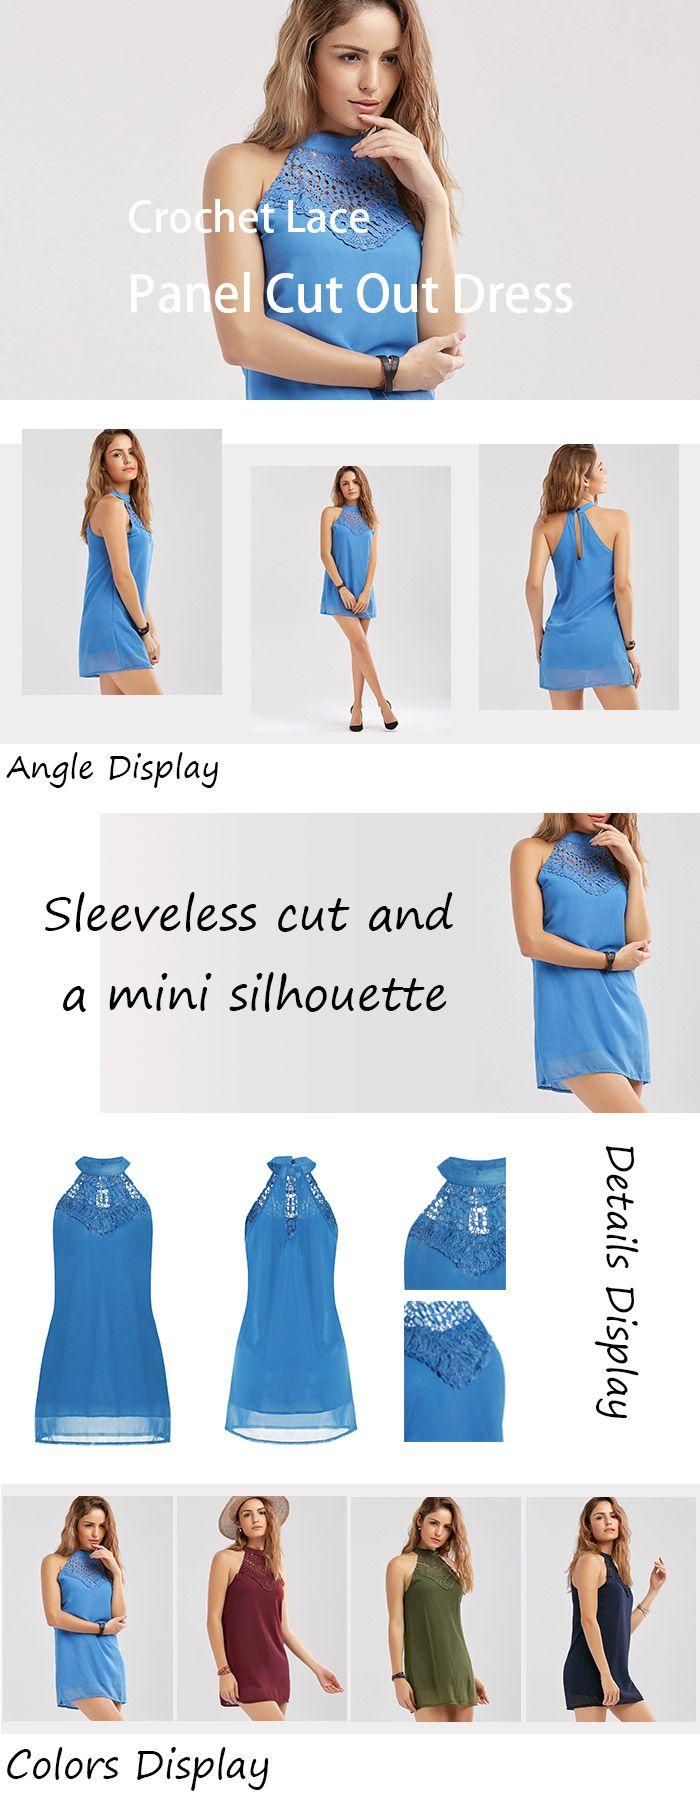 Crochet Lace Panel Cut Out Dress